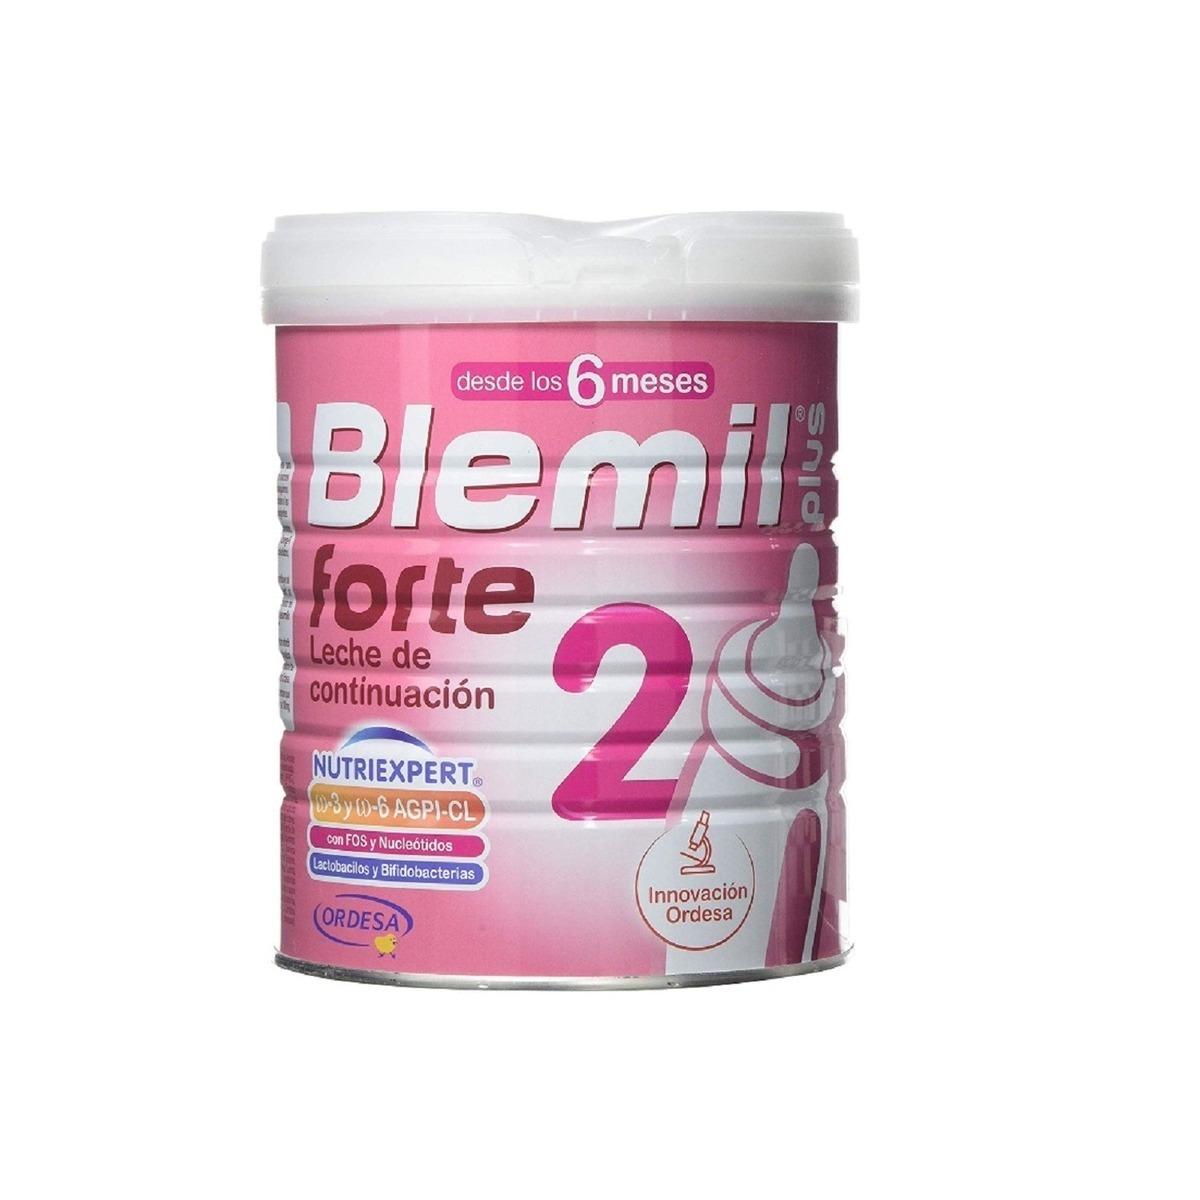 BLEMILPLUS2FORTE800G I1